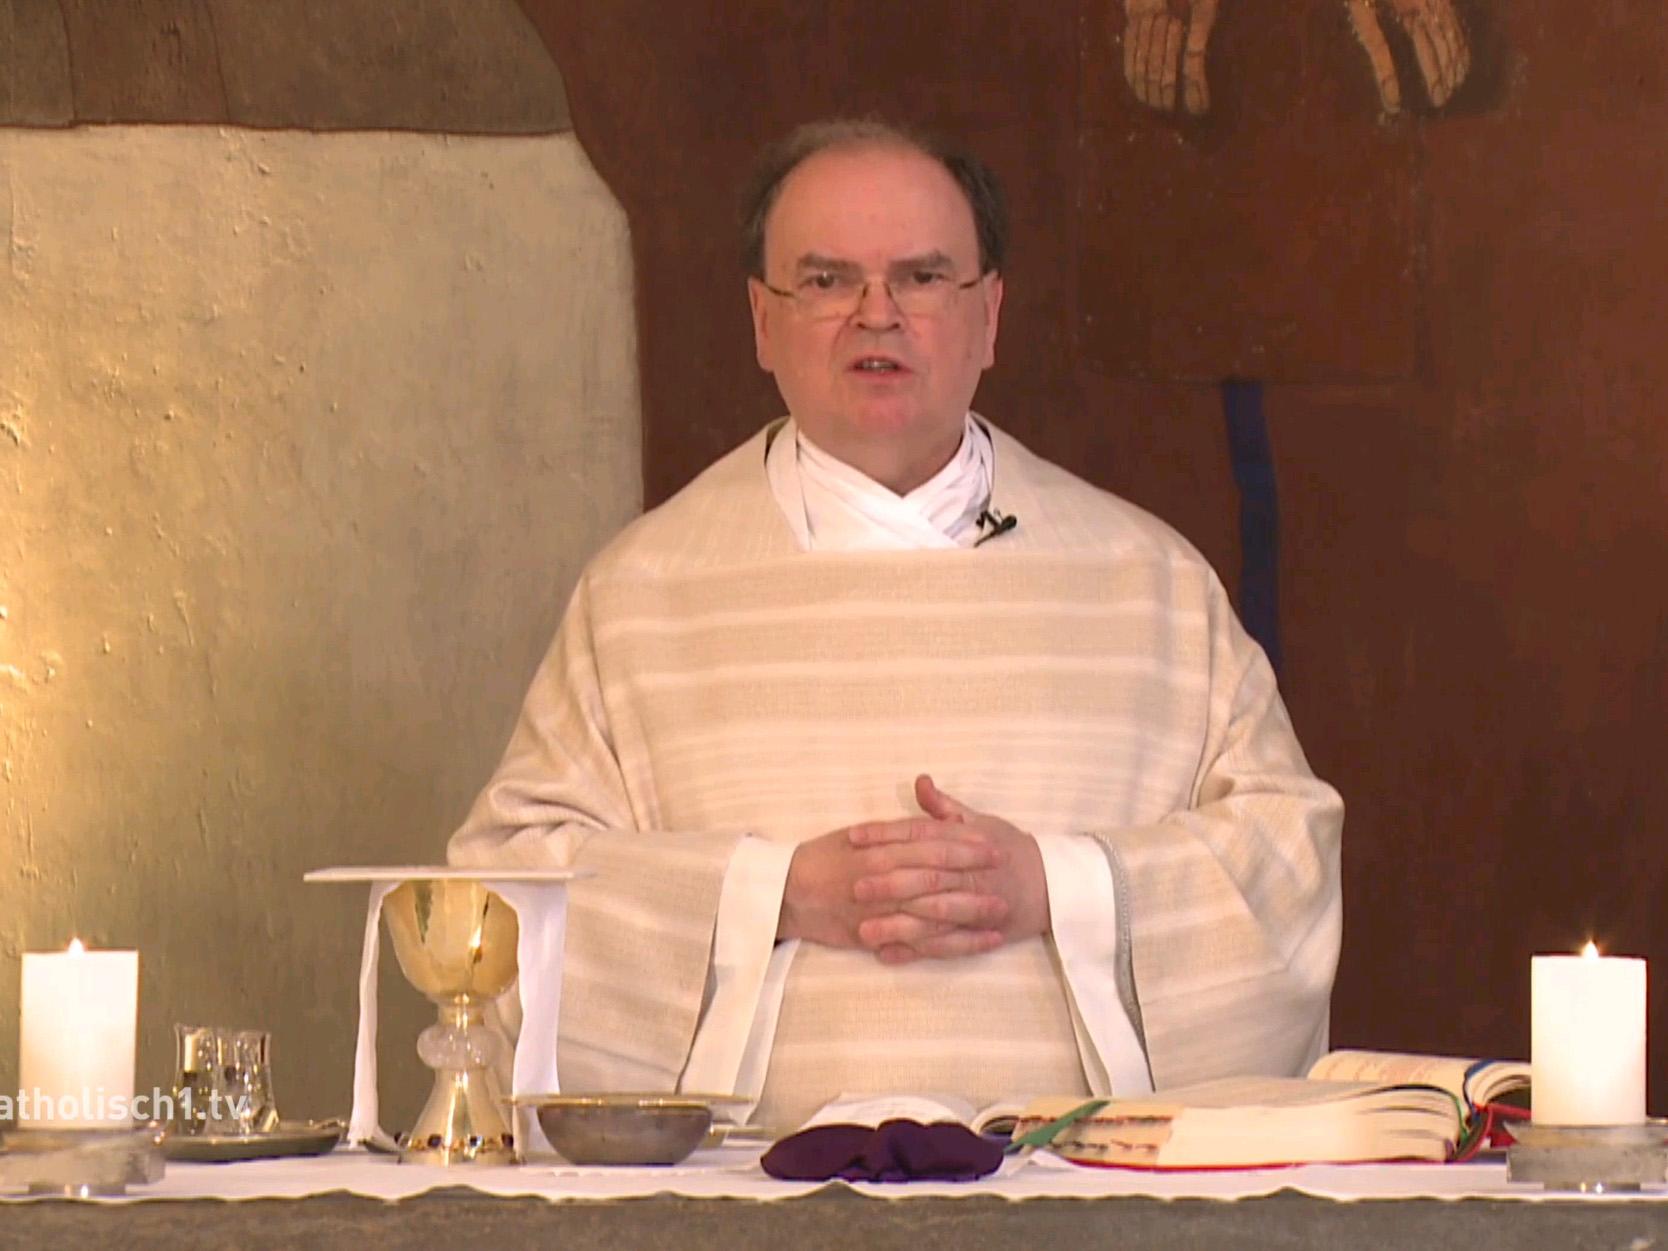 In ungewisser Zeit, an ungewohntem Ort: Der ernannte Bischof Dr. Bertram Meier beginnt das österliche Triduum nicht im Dom, sondern am Altar der Bischofshauskapelle. (Bildquelle: katholisch1.tv)